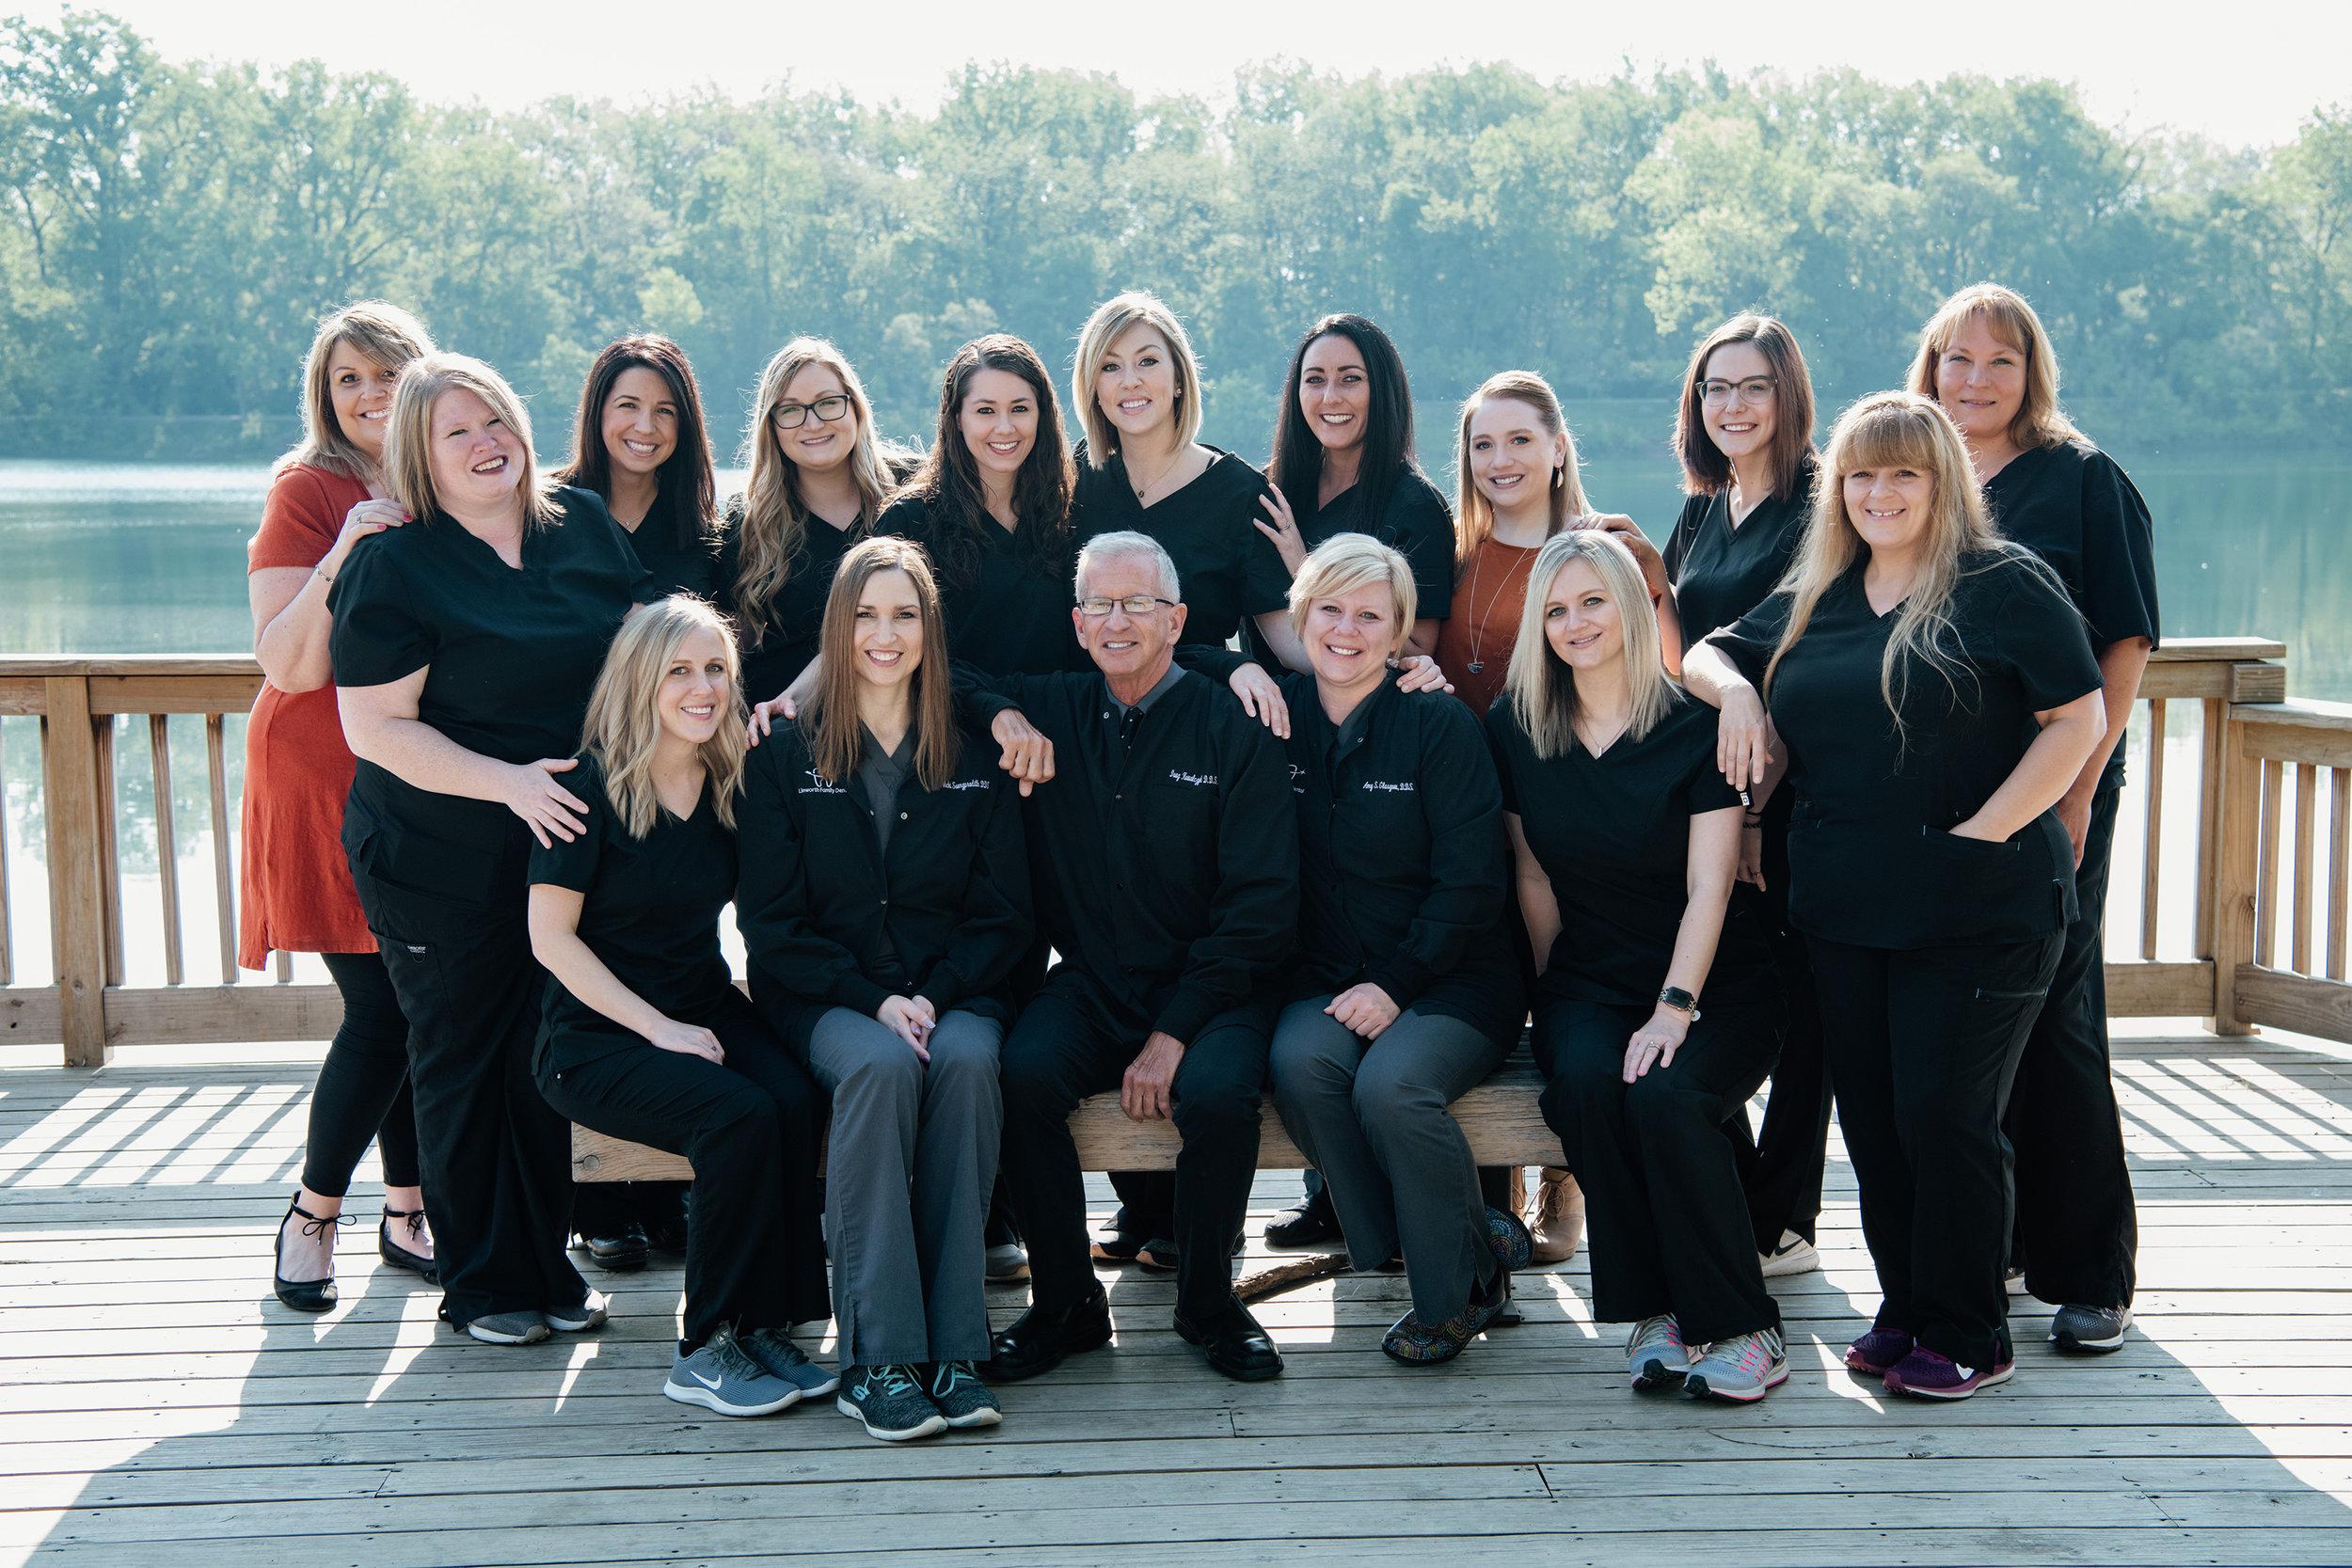 C190516-Linworth-Family-Dental-003.jpg